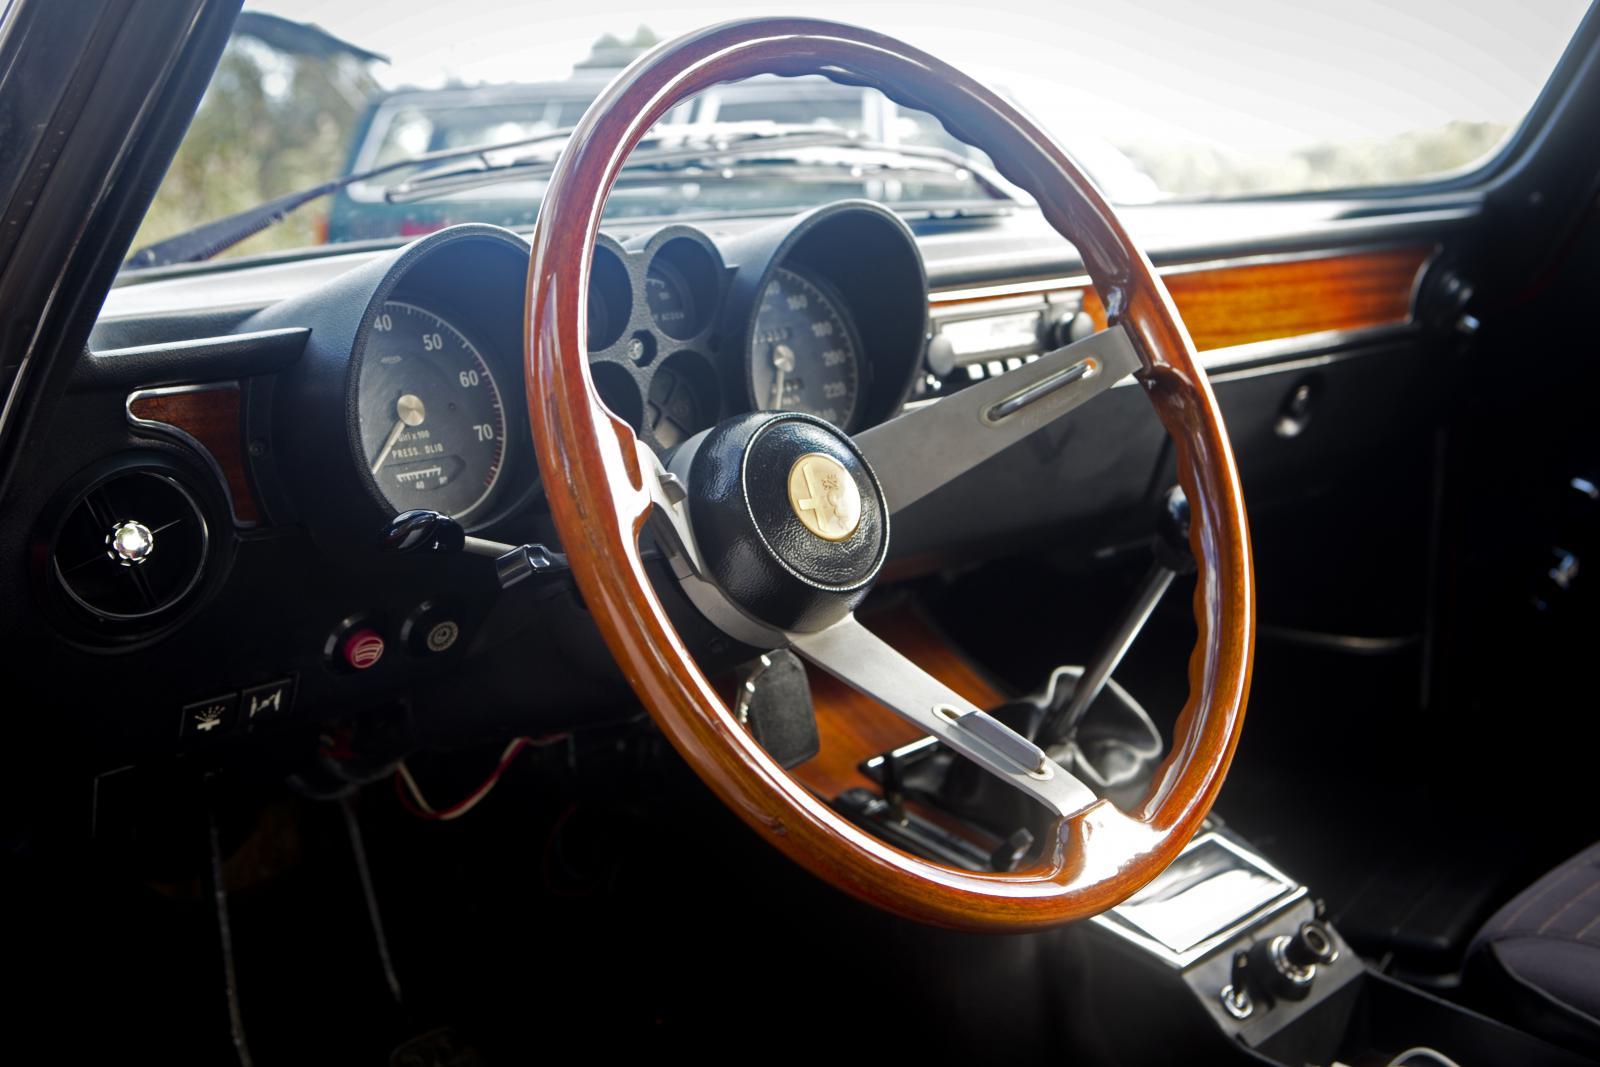 Jean-Philippe Imparato vill återskapa känslan av att sätta sig i en Alfa Romeo från 1960-talet i dagens modeller.